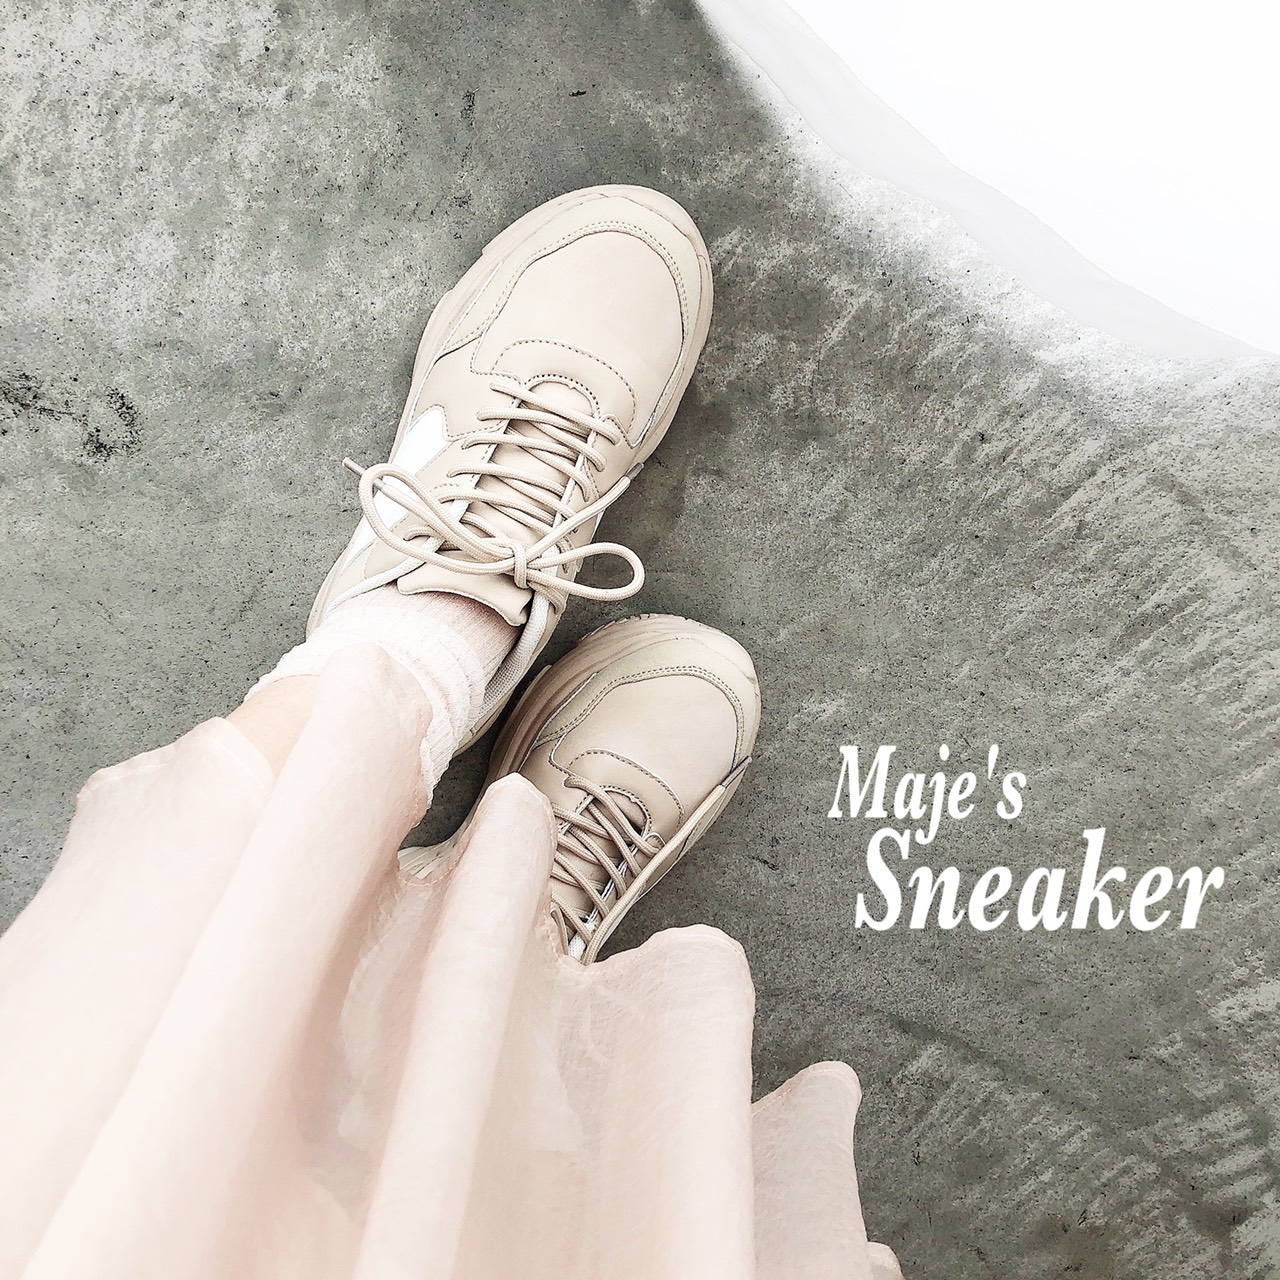 ガーリーフェミニンなコーデにもぴったり♡majeの新作スニーカーのご紹介👟